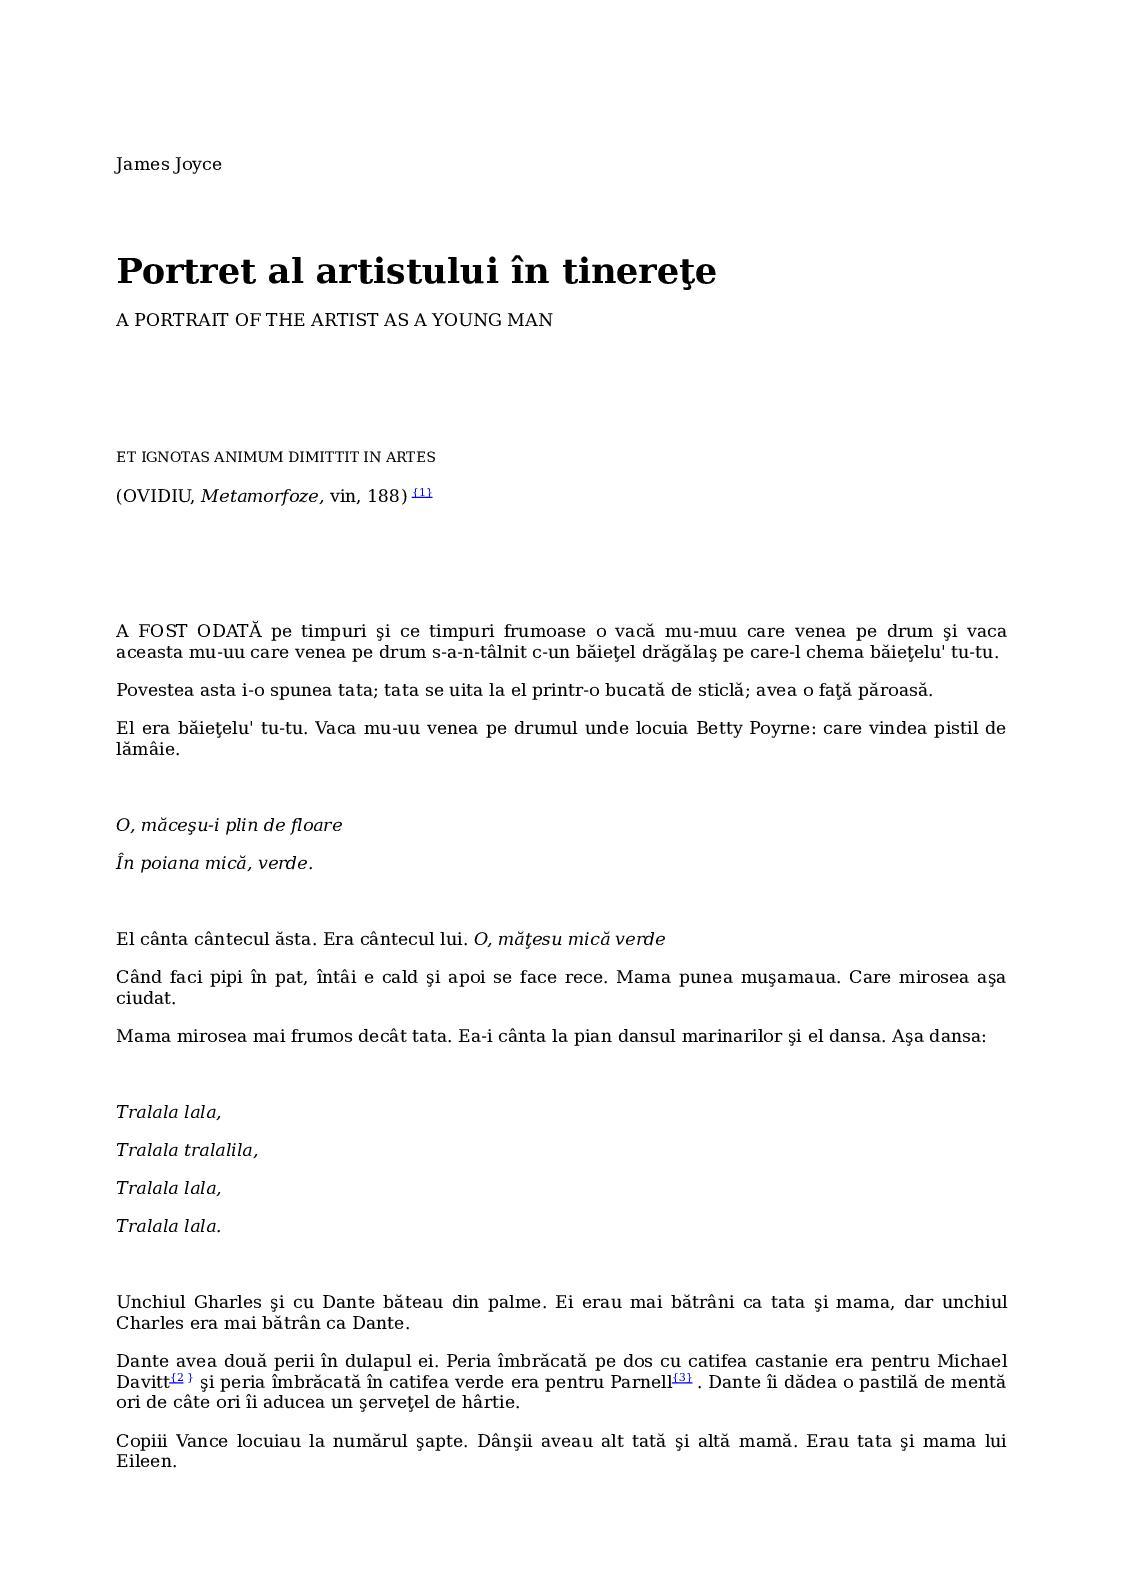 tgn1 - i.v.-blogger - List | Diigo